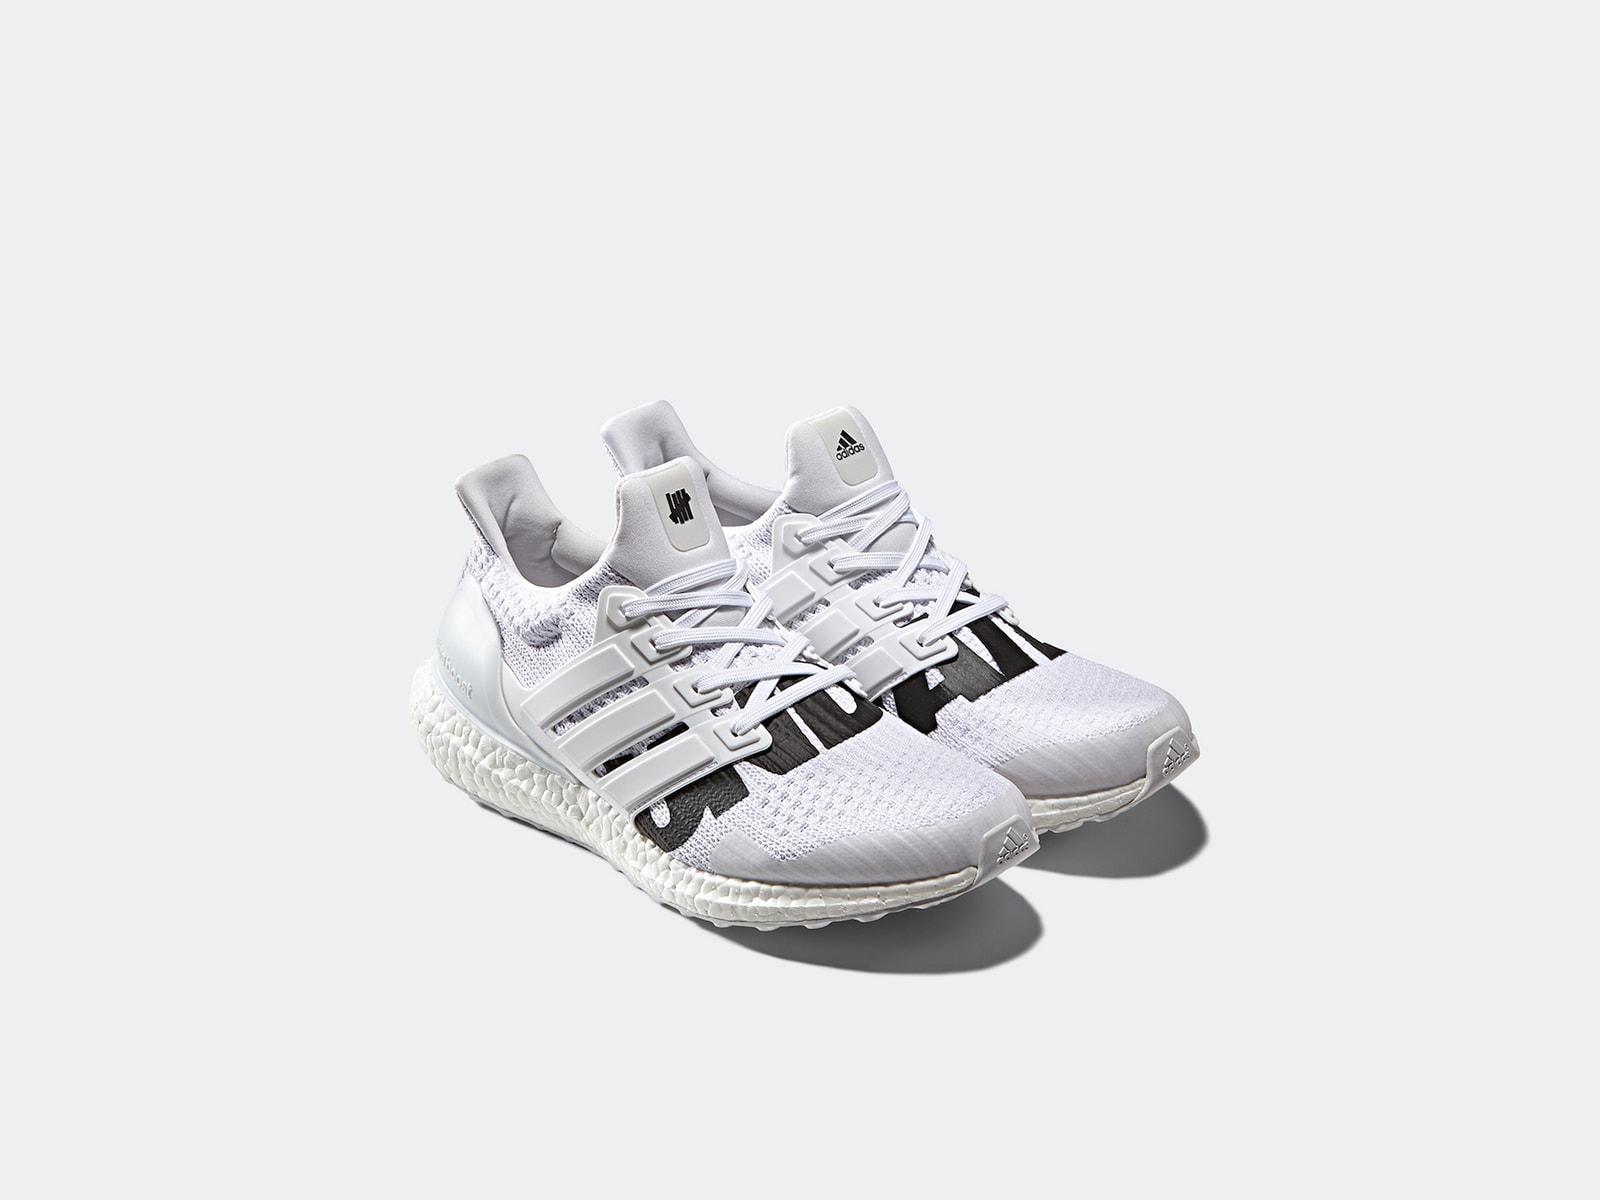 adidas x UNDEFEATED 2018 春夏聯乘系列正式發布